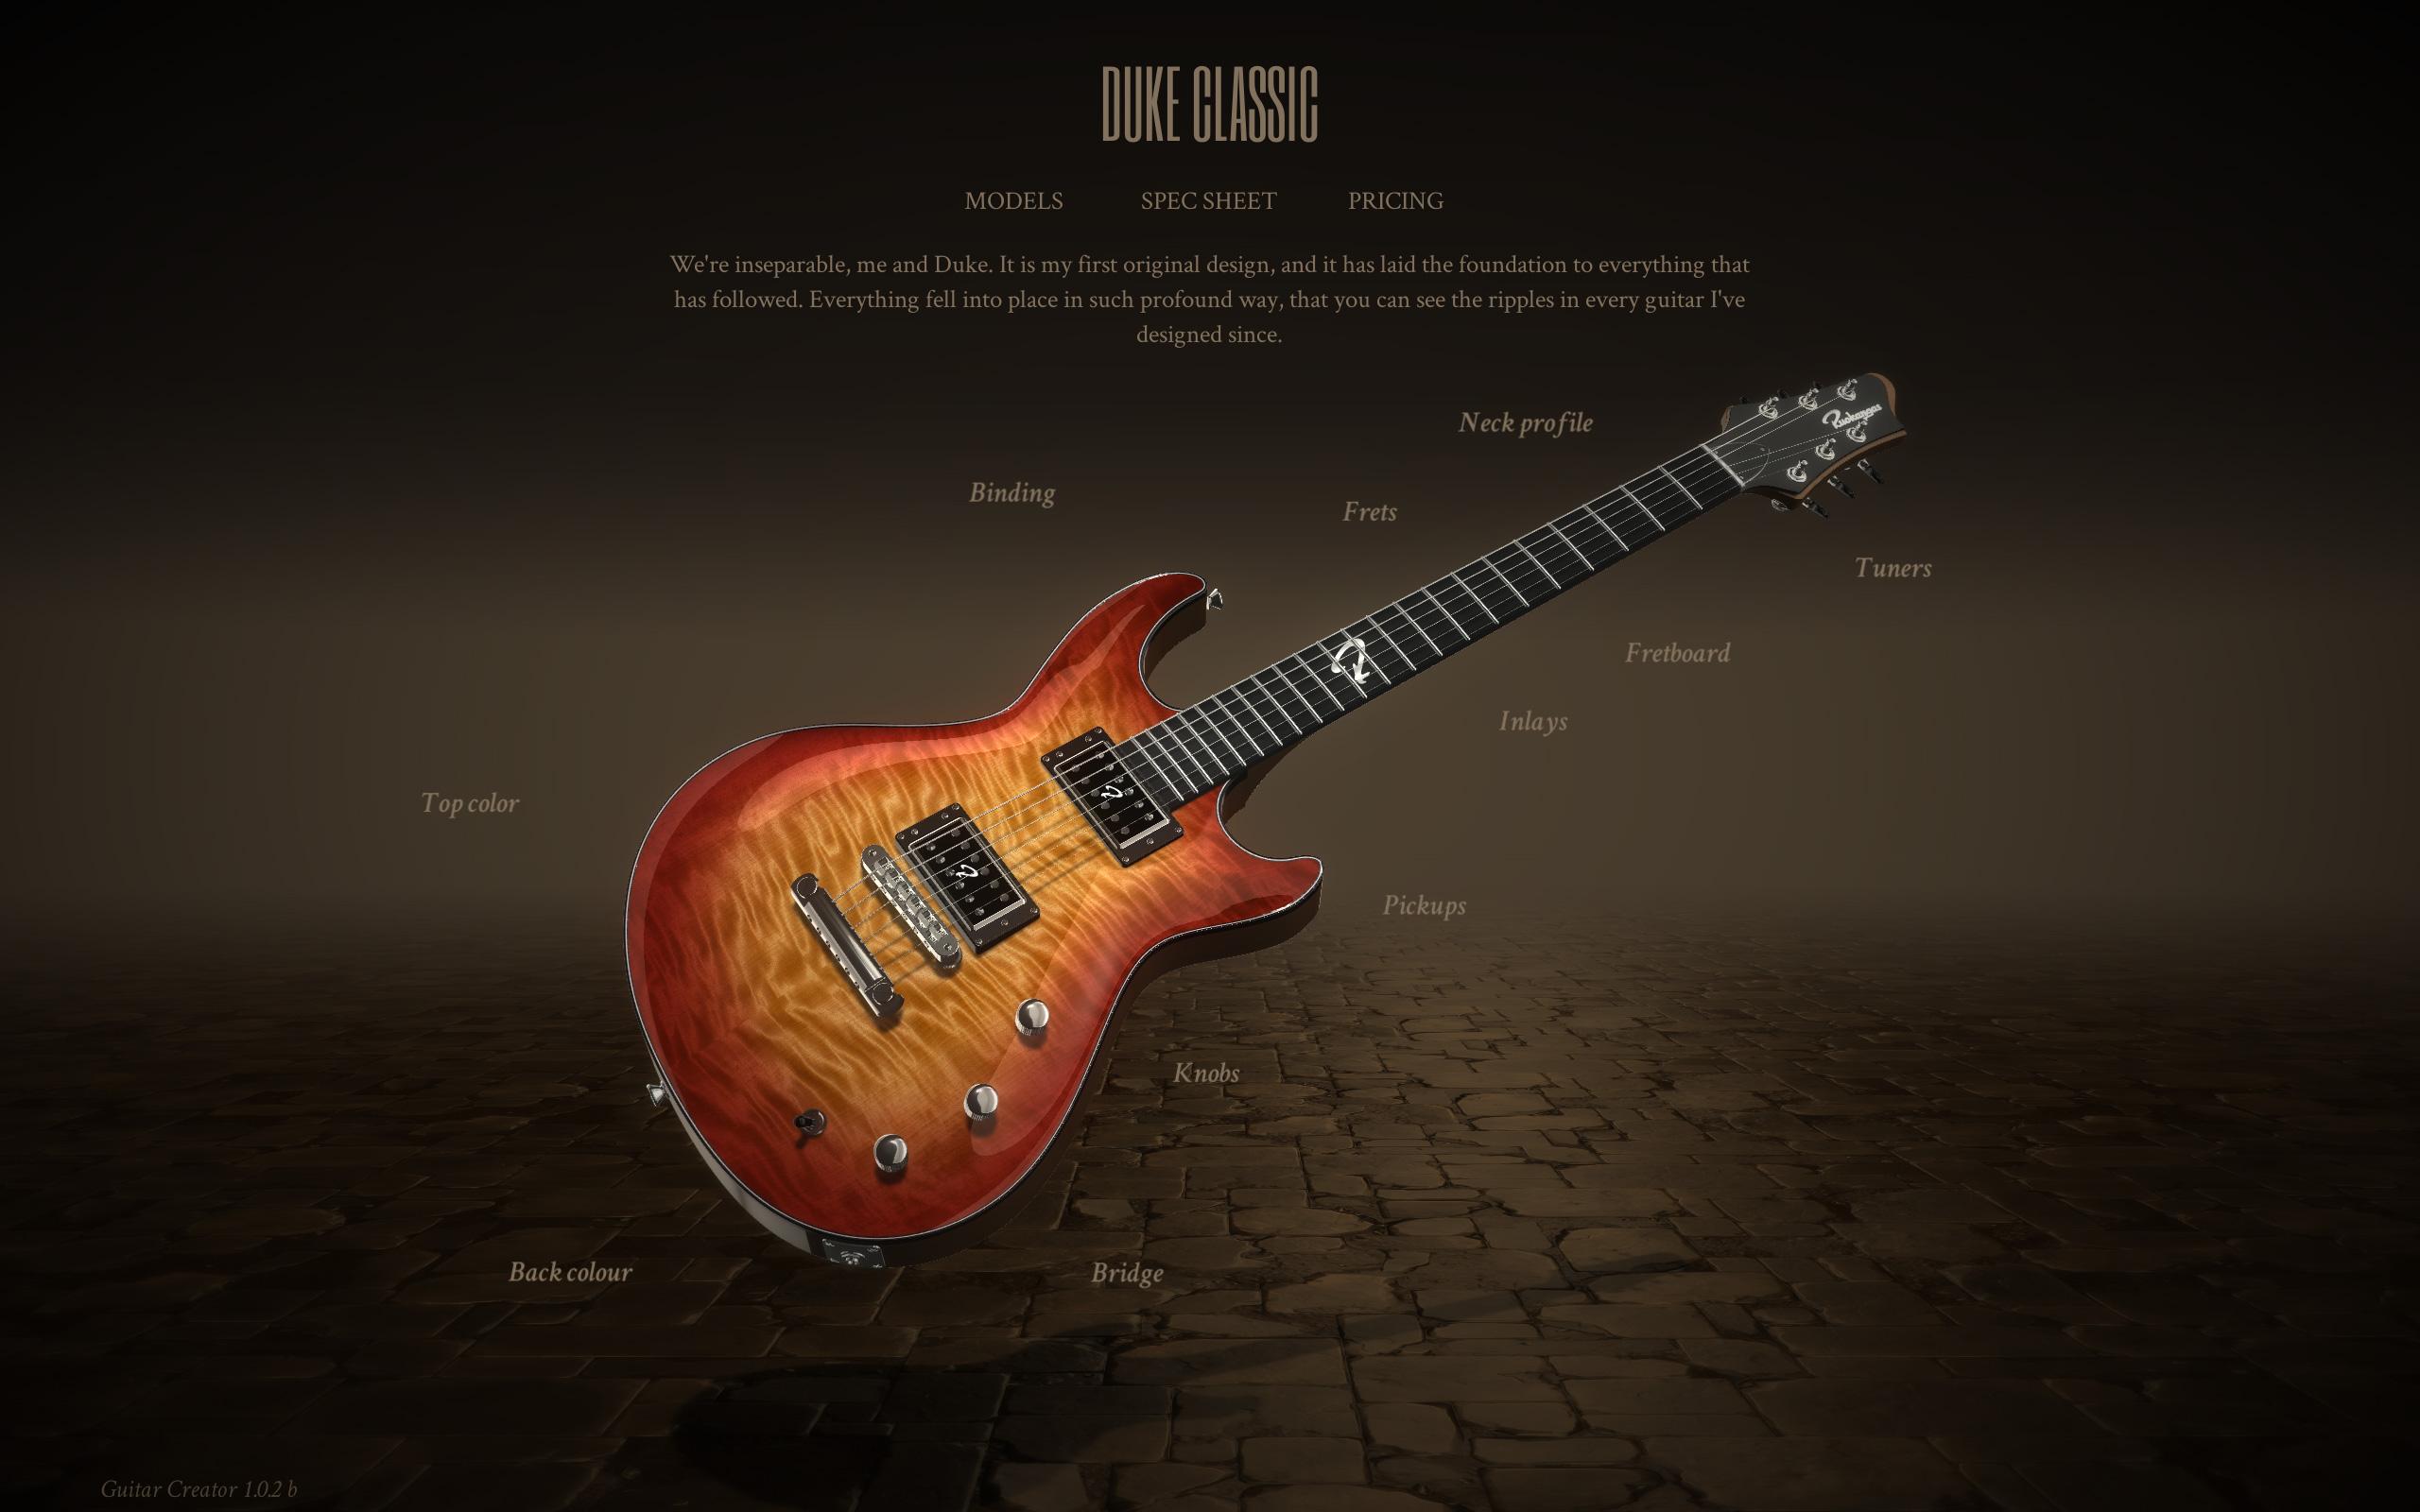 Guitar Creator